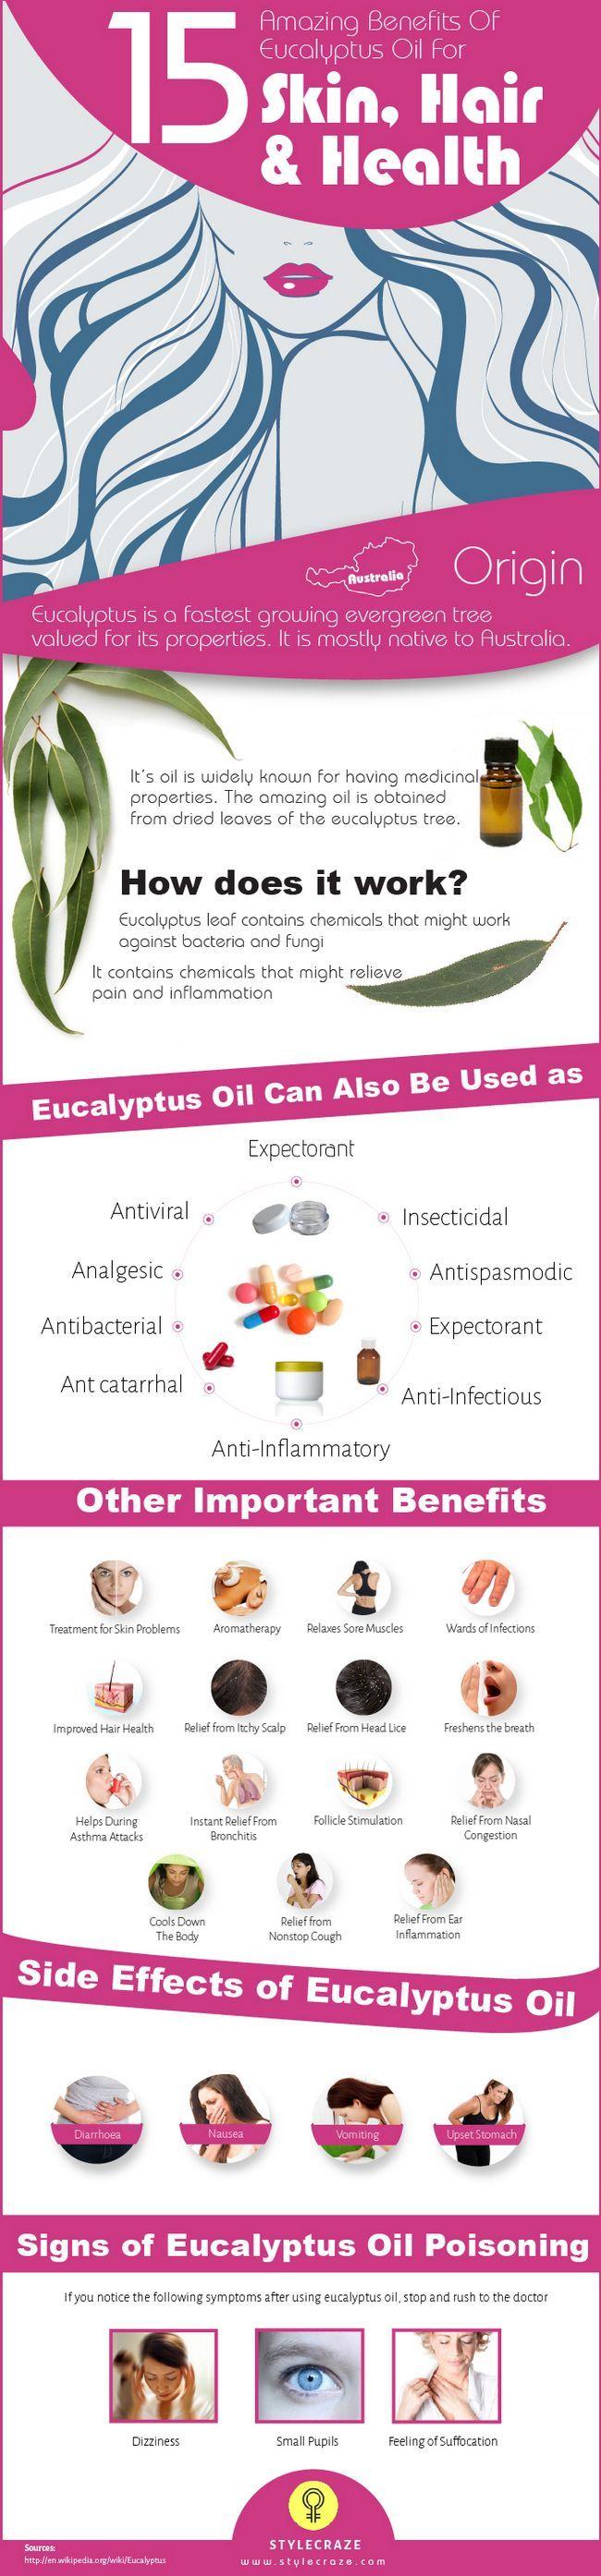 23 Avantages étonnants de l`huile d`eucalyptus pour la peau, les cheveux et la santé